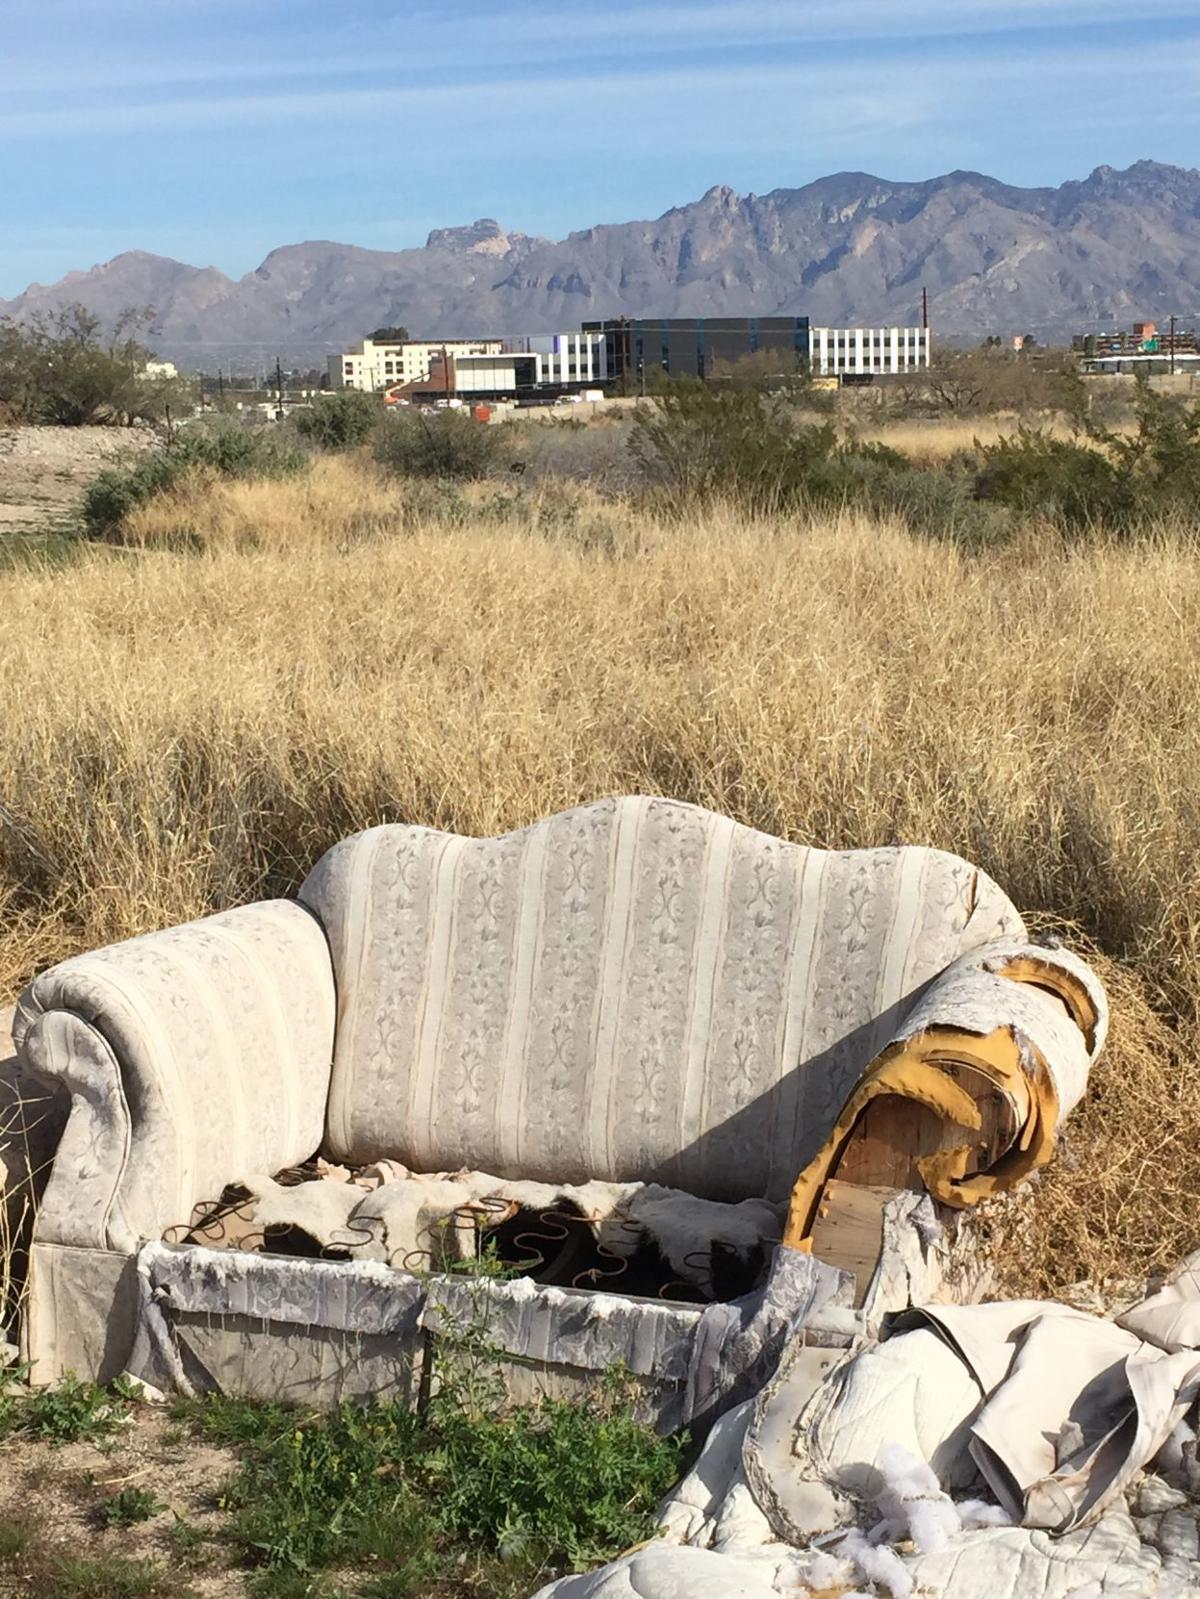 A Mountain landfill